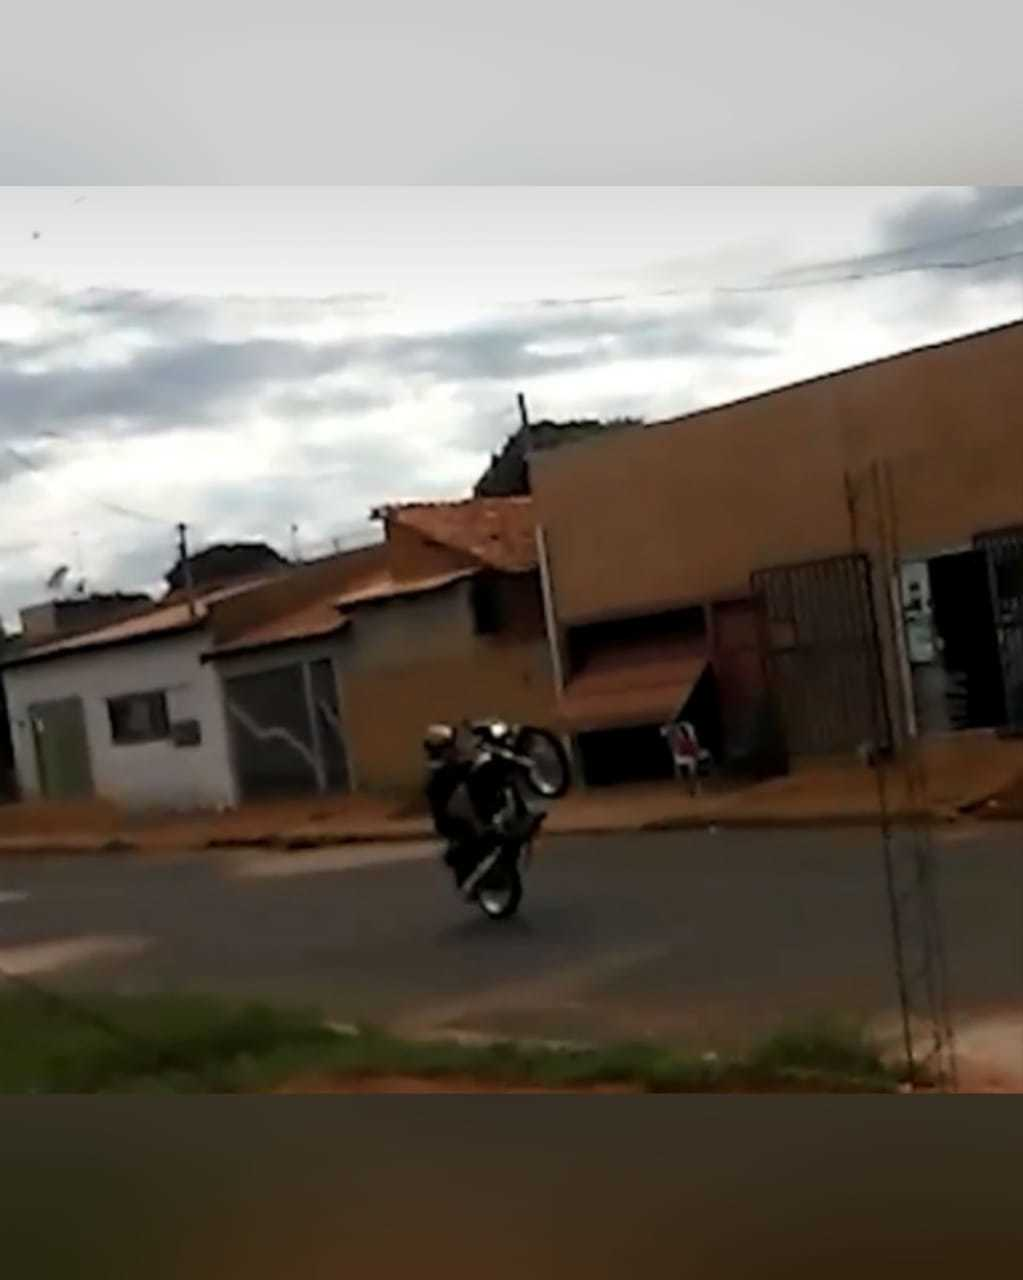 Motoqueiro empinando moto no bairro Vida Nova. (Foto: Direto das Ruas)